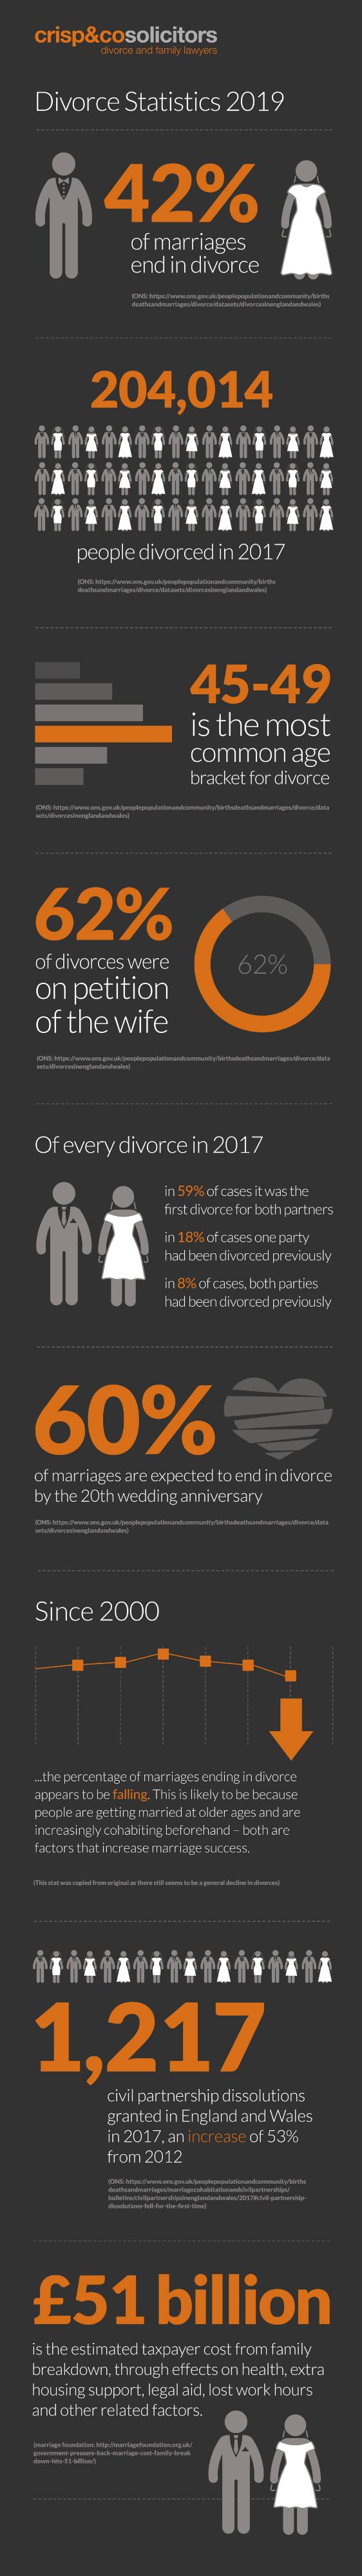 Divorce Statistics UK - Crisp & Co Solicitors